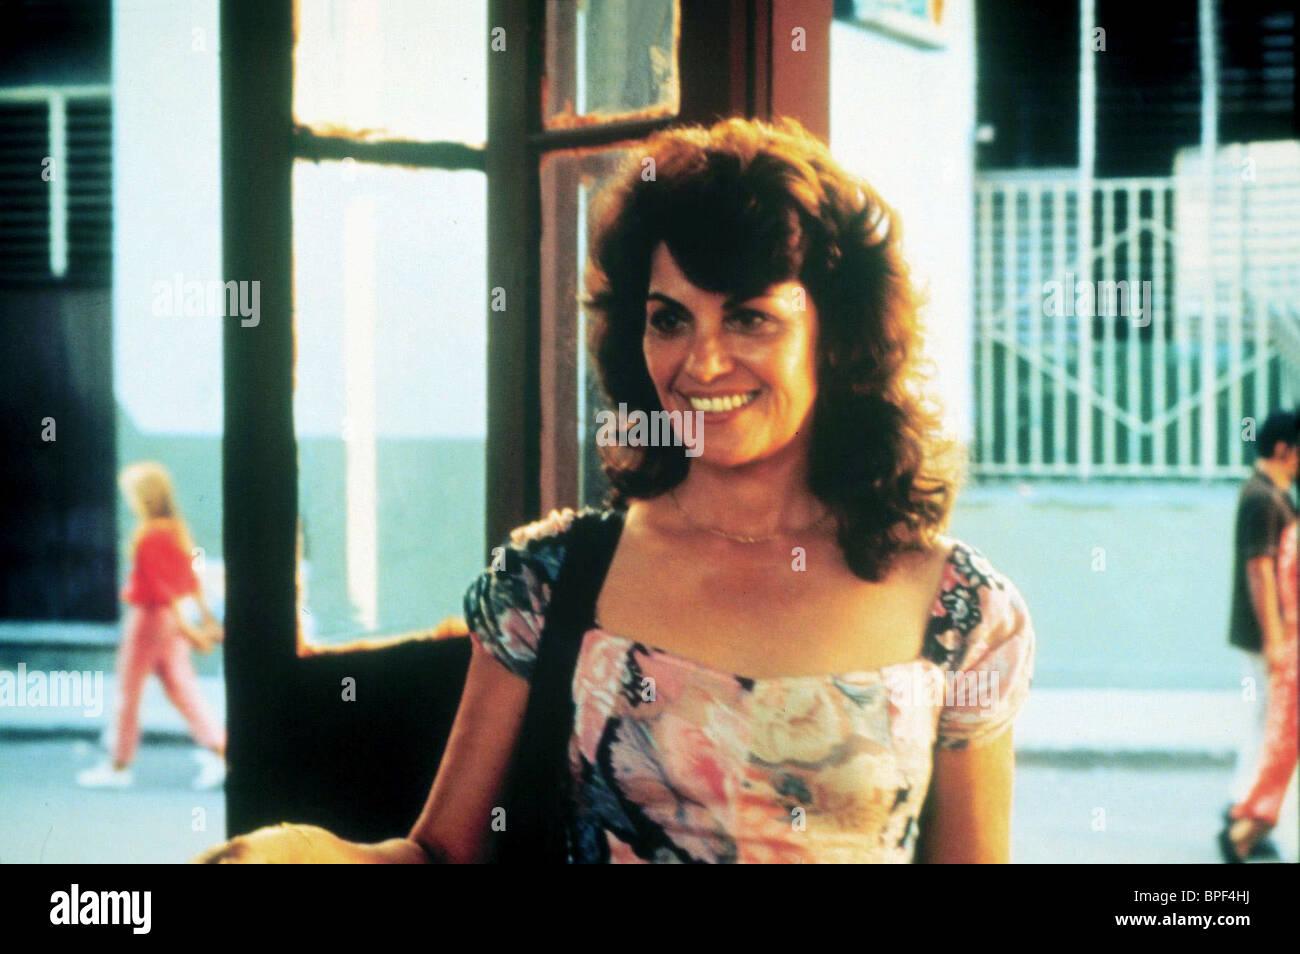 MIRTHA IBARRA GUANTANAMERA (1995) - Stock Image